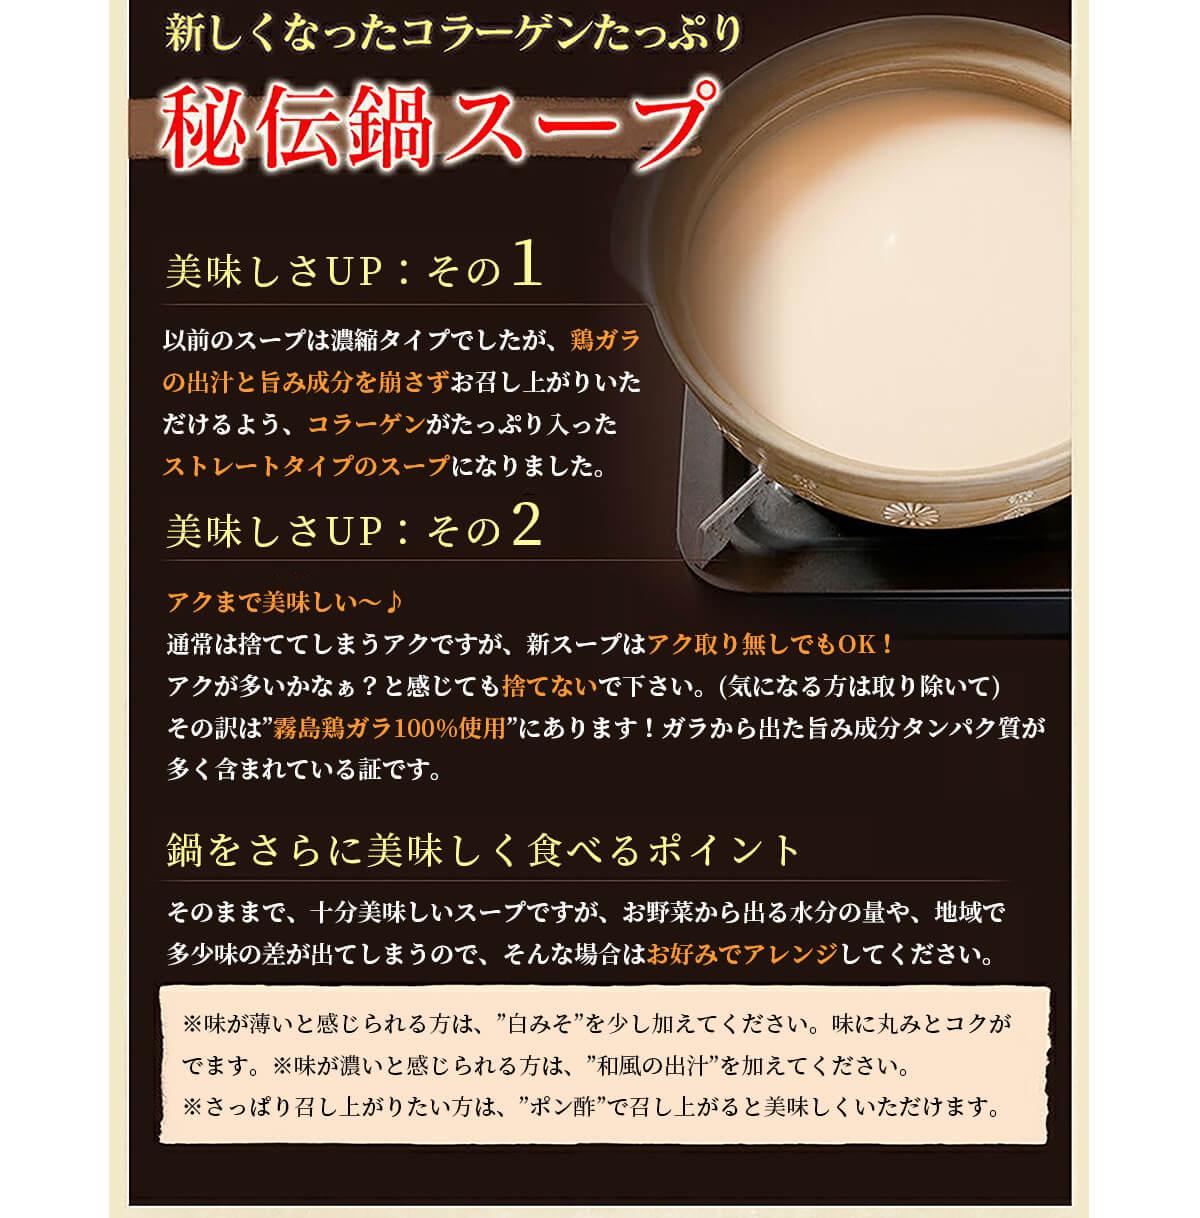 新しくなったコラーゲンたっぷり秘伝鍋スープ